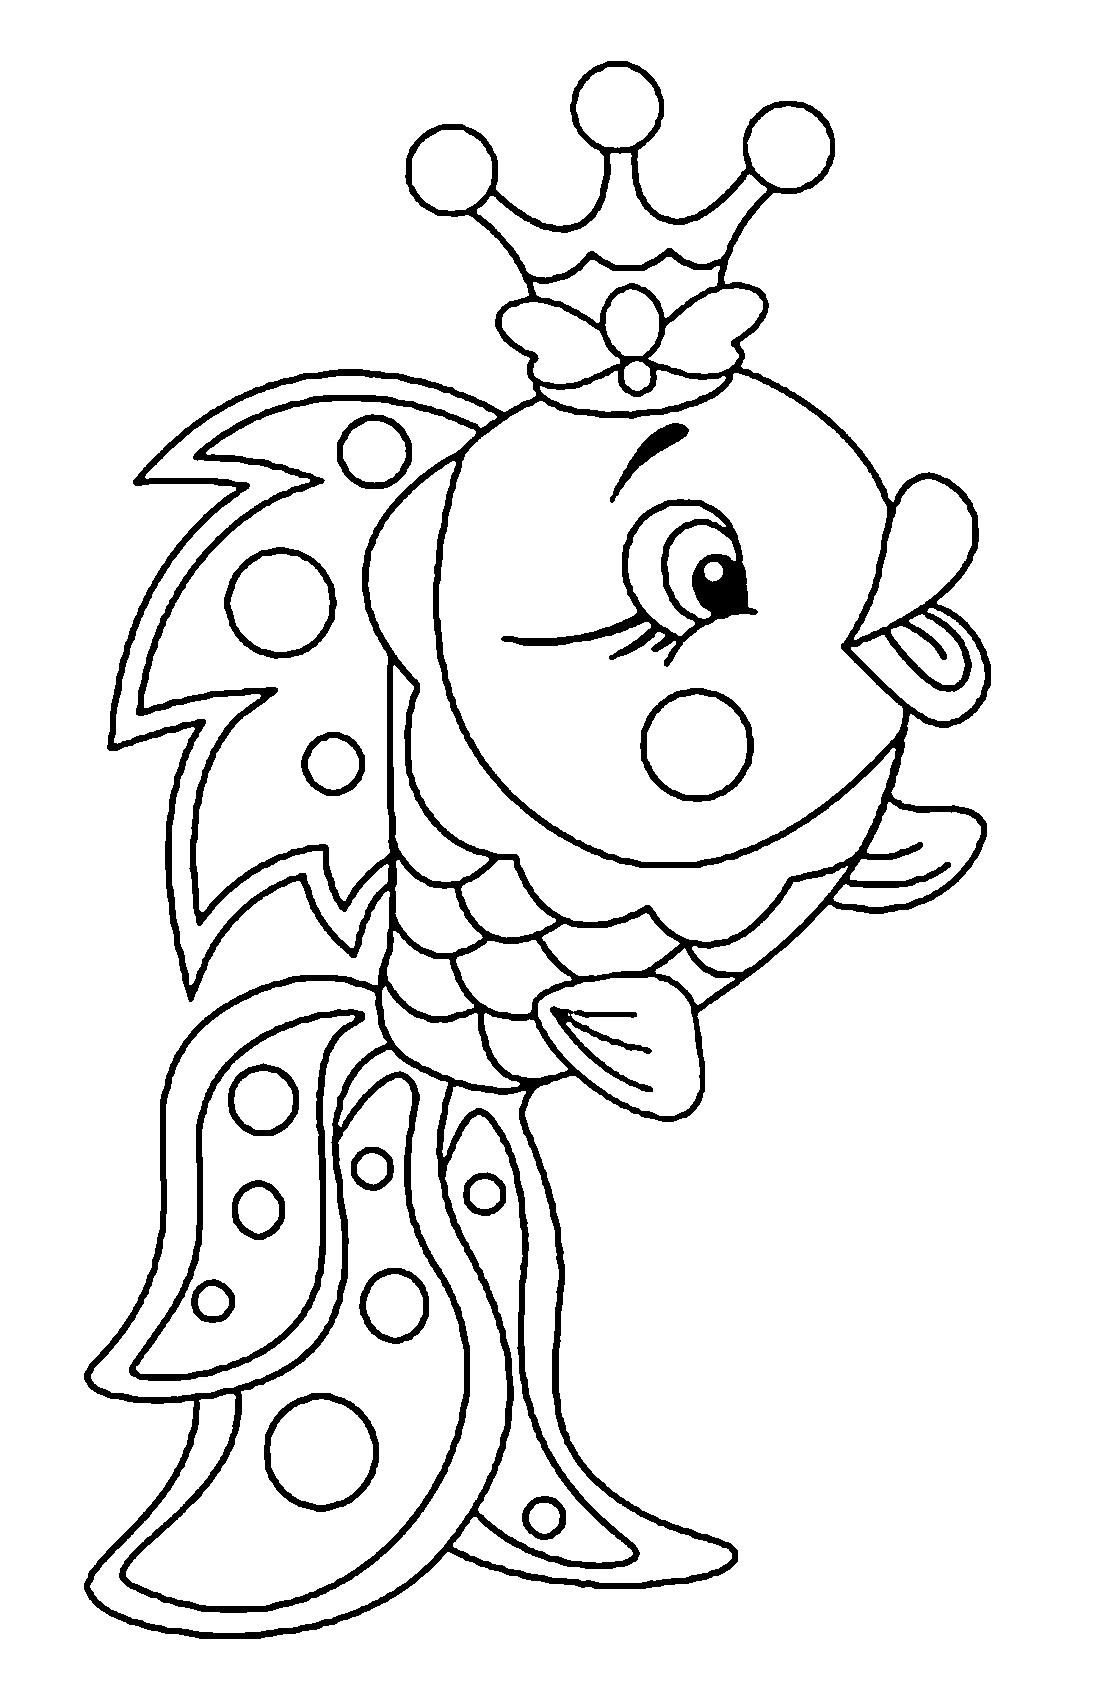 Картинка Рыбка Золотая Раскраска